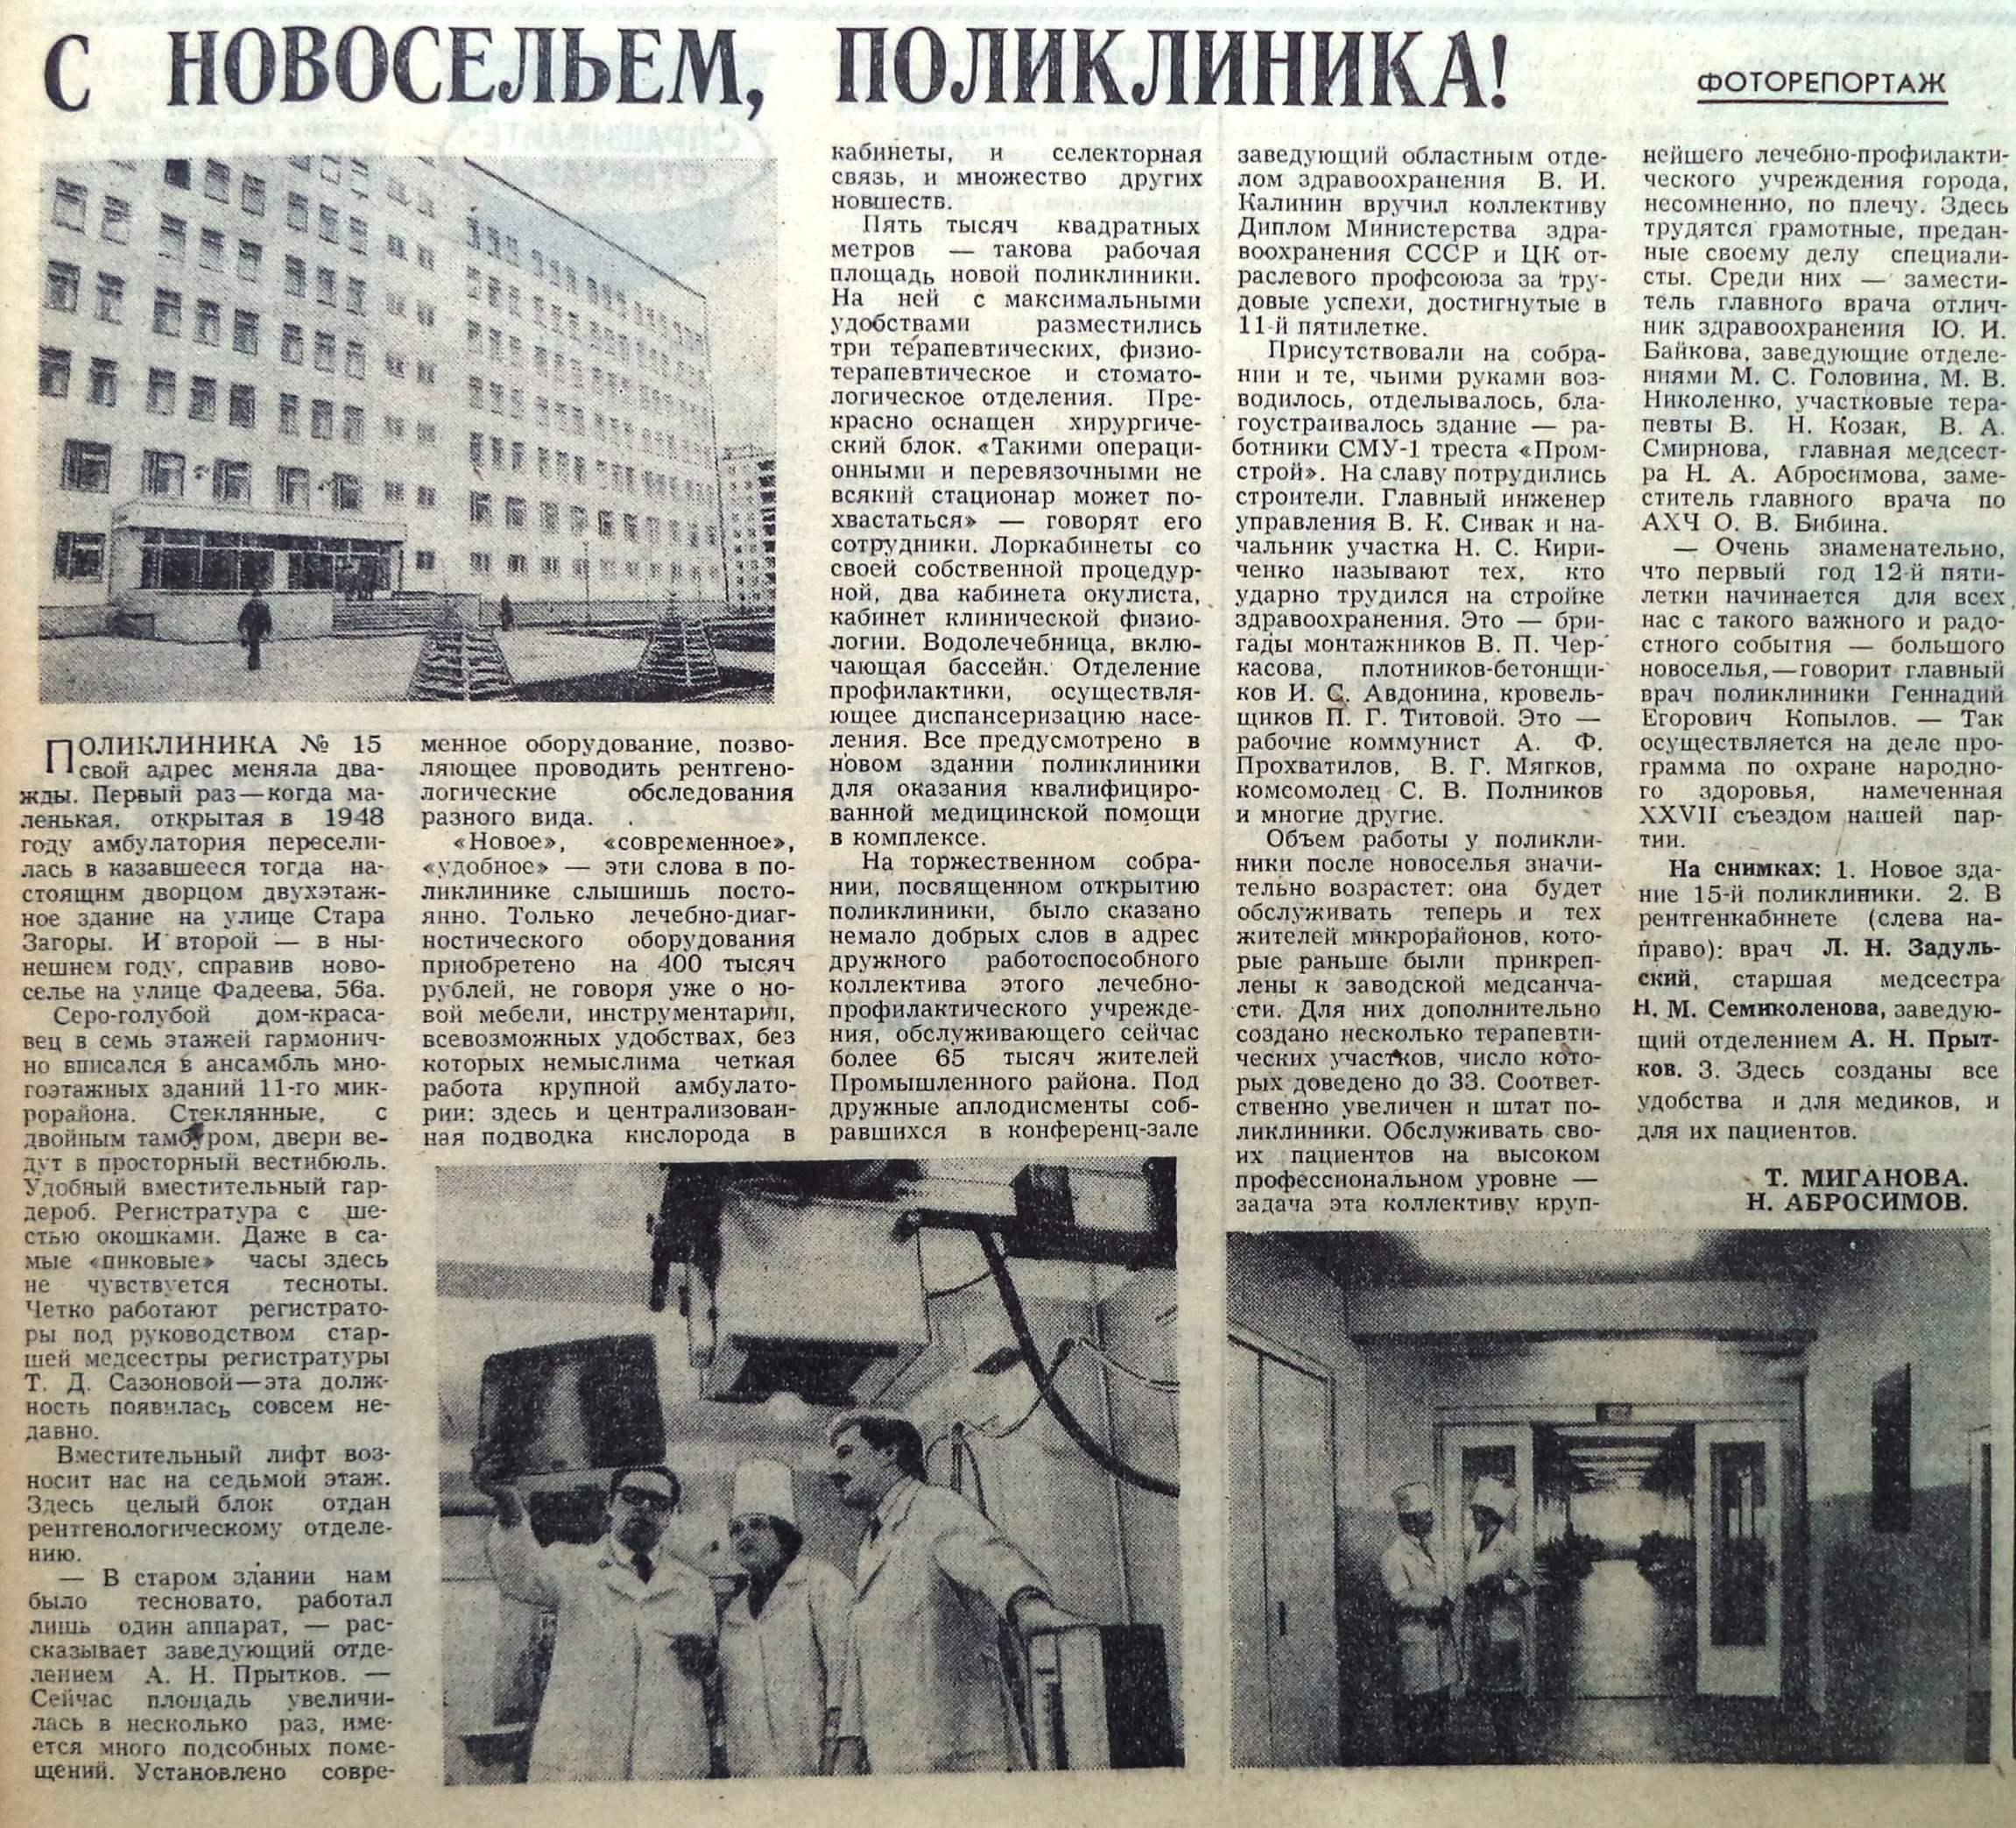 Фадеева-ФОТО-46-ВЗя-1986-04-12-открытие Поликл.15